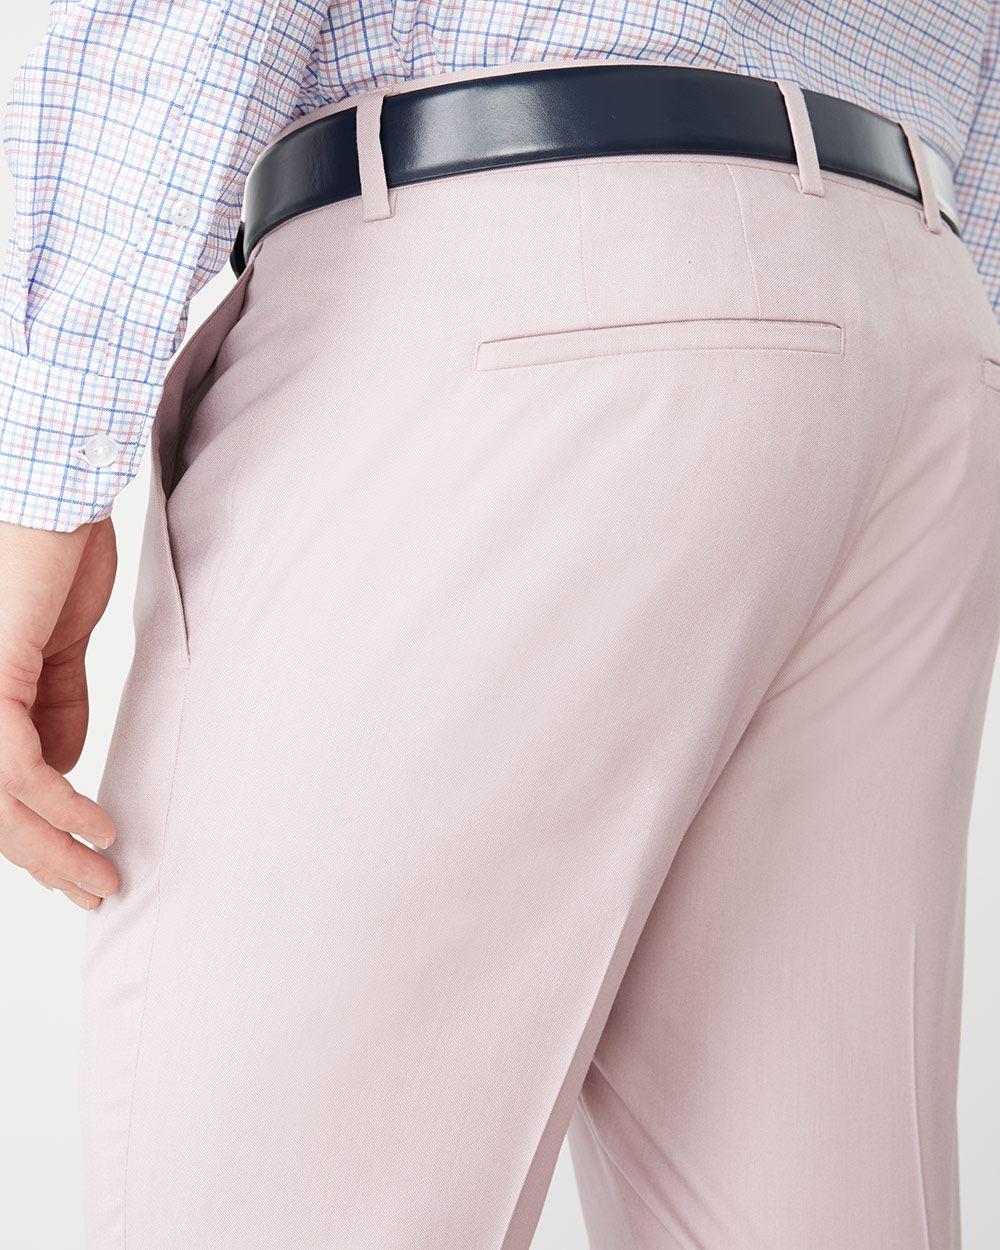 96a1b400008 Slim fit light pink suit pant | RW&CO.